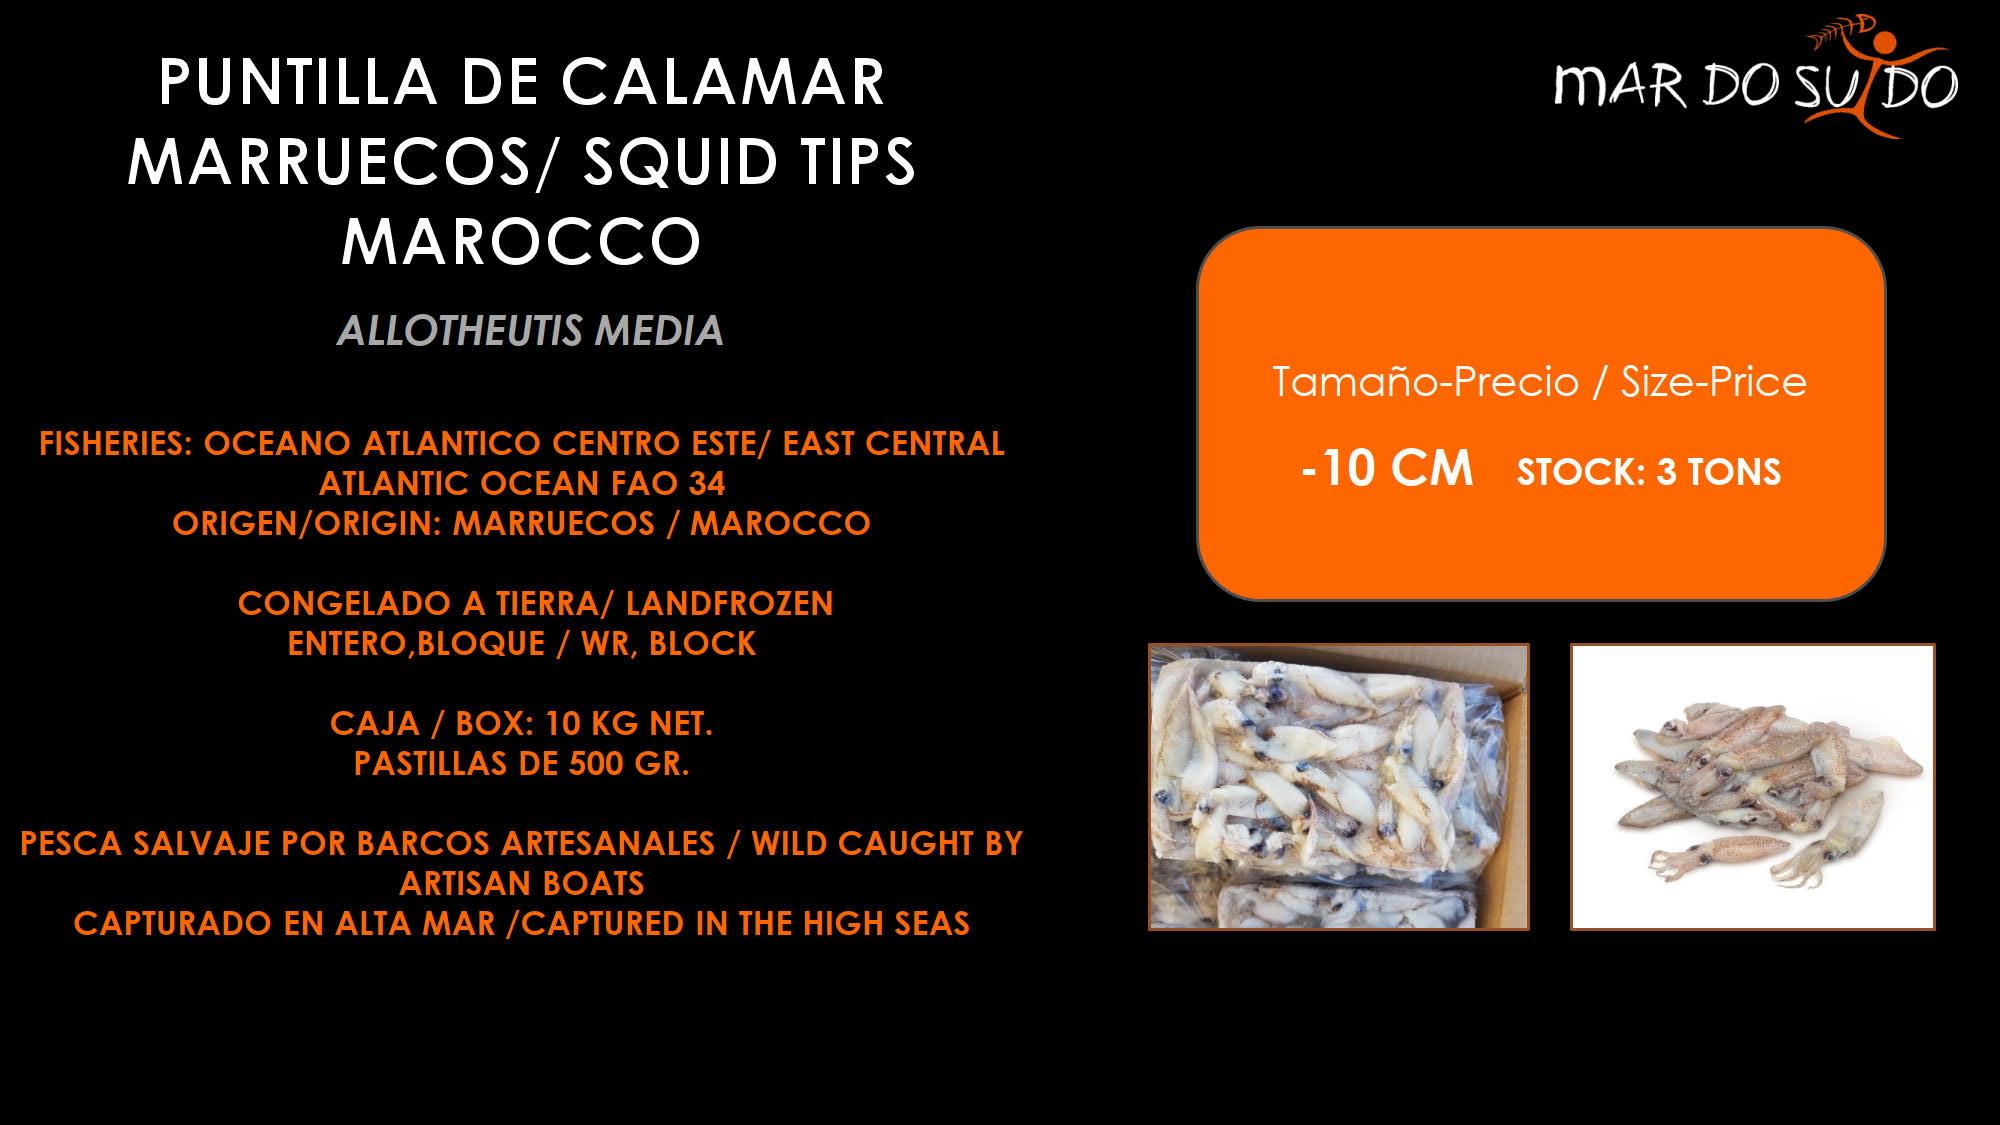 Oferta Destacada de Puntilla de calamar Marruecos - Squid Tips Marocco Special Offer